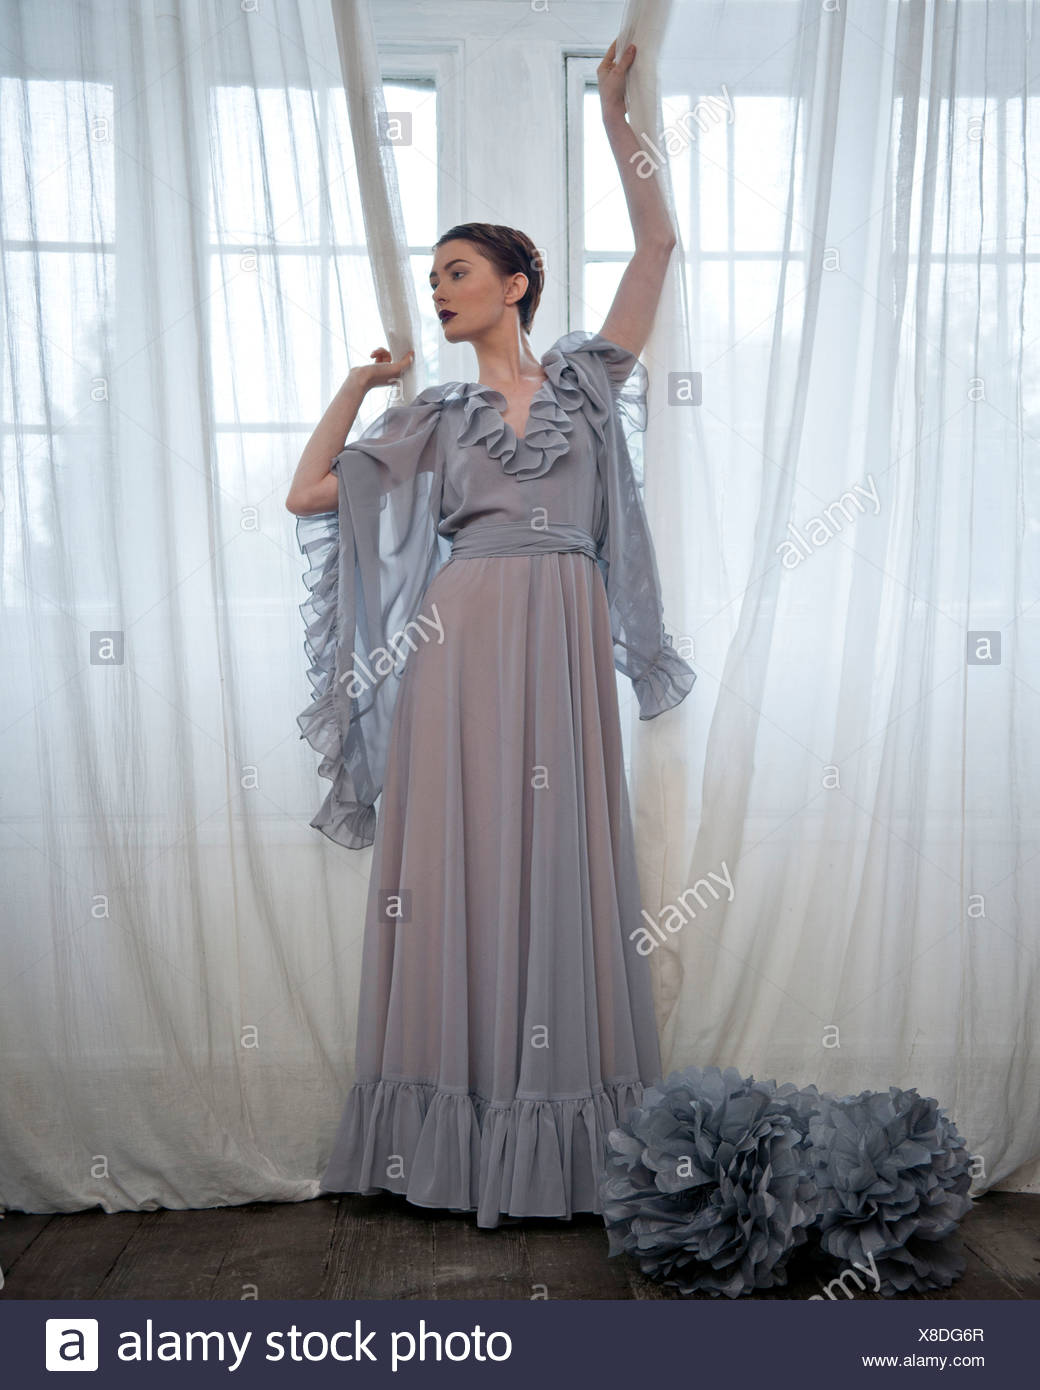 Une femme portant une longue robe grise, debout devant une fenêtre Banque D'Images